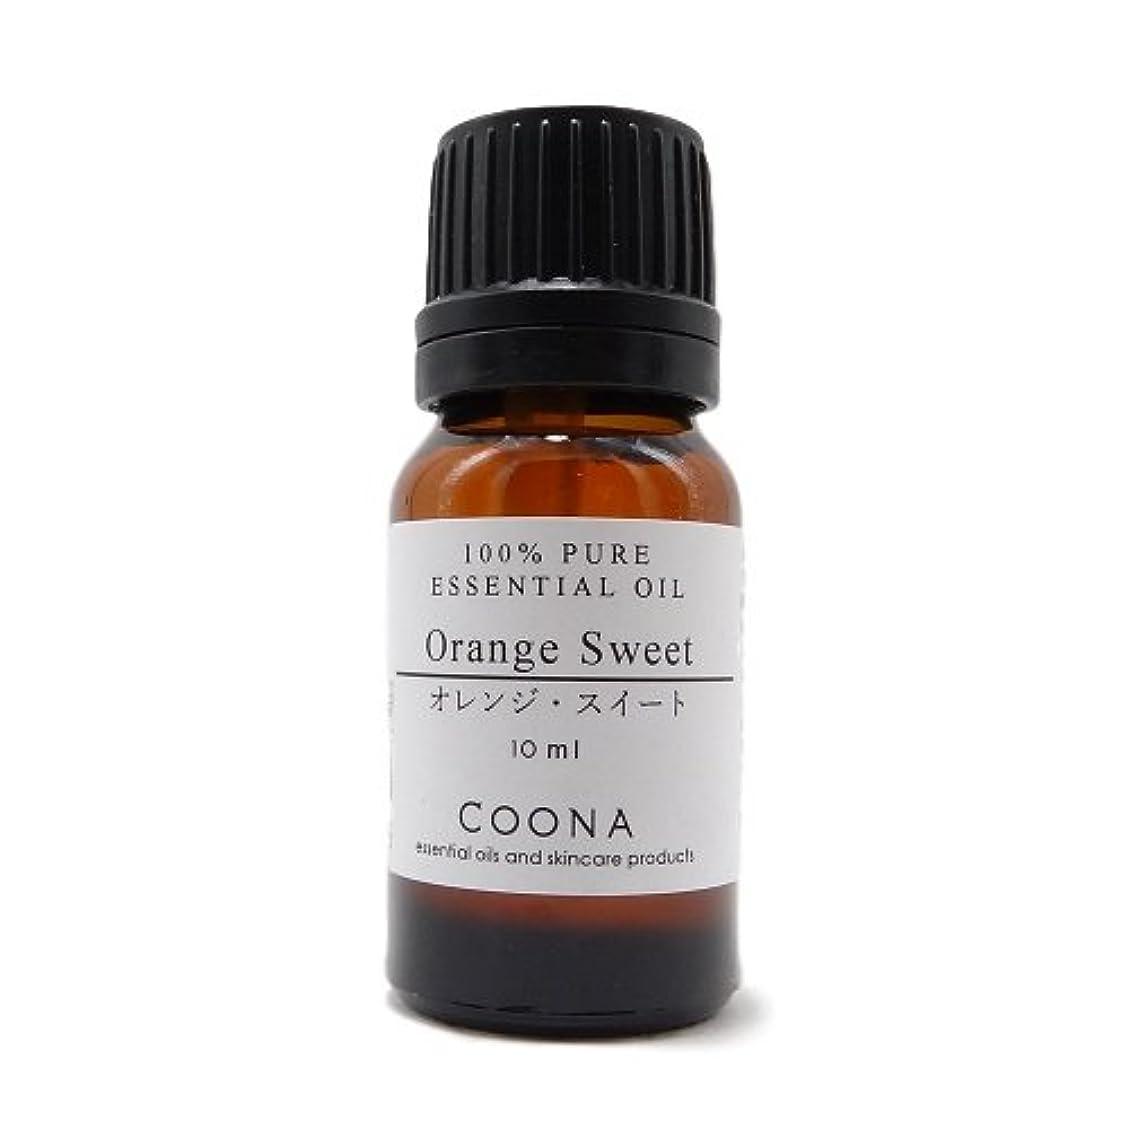 打倒運動強要オレンジ スイート 10 ml (COONA エッセンシャルオイル アロマオイル 100%天然植物精油)